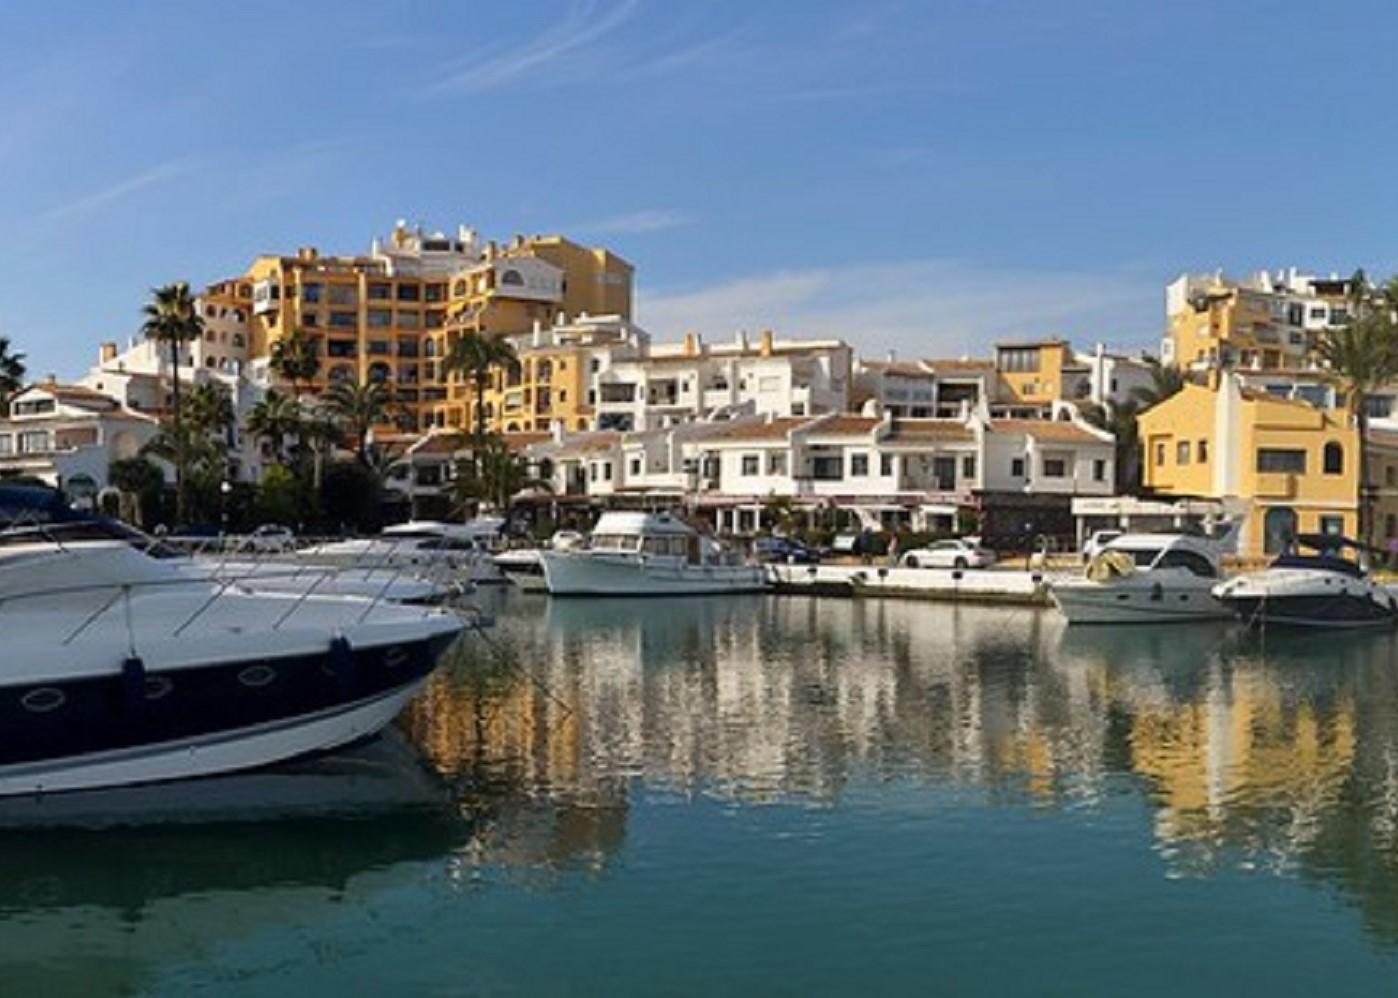 Foto del puerto deportvo de Benalmádena, ciudad ideal para disfrutar junto a tu perro de unos días de relax